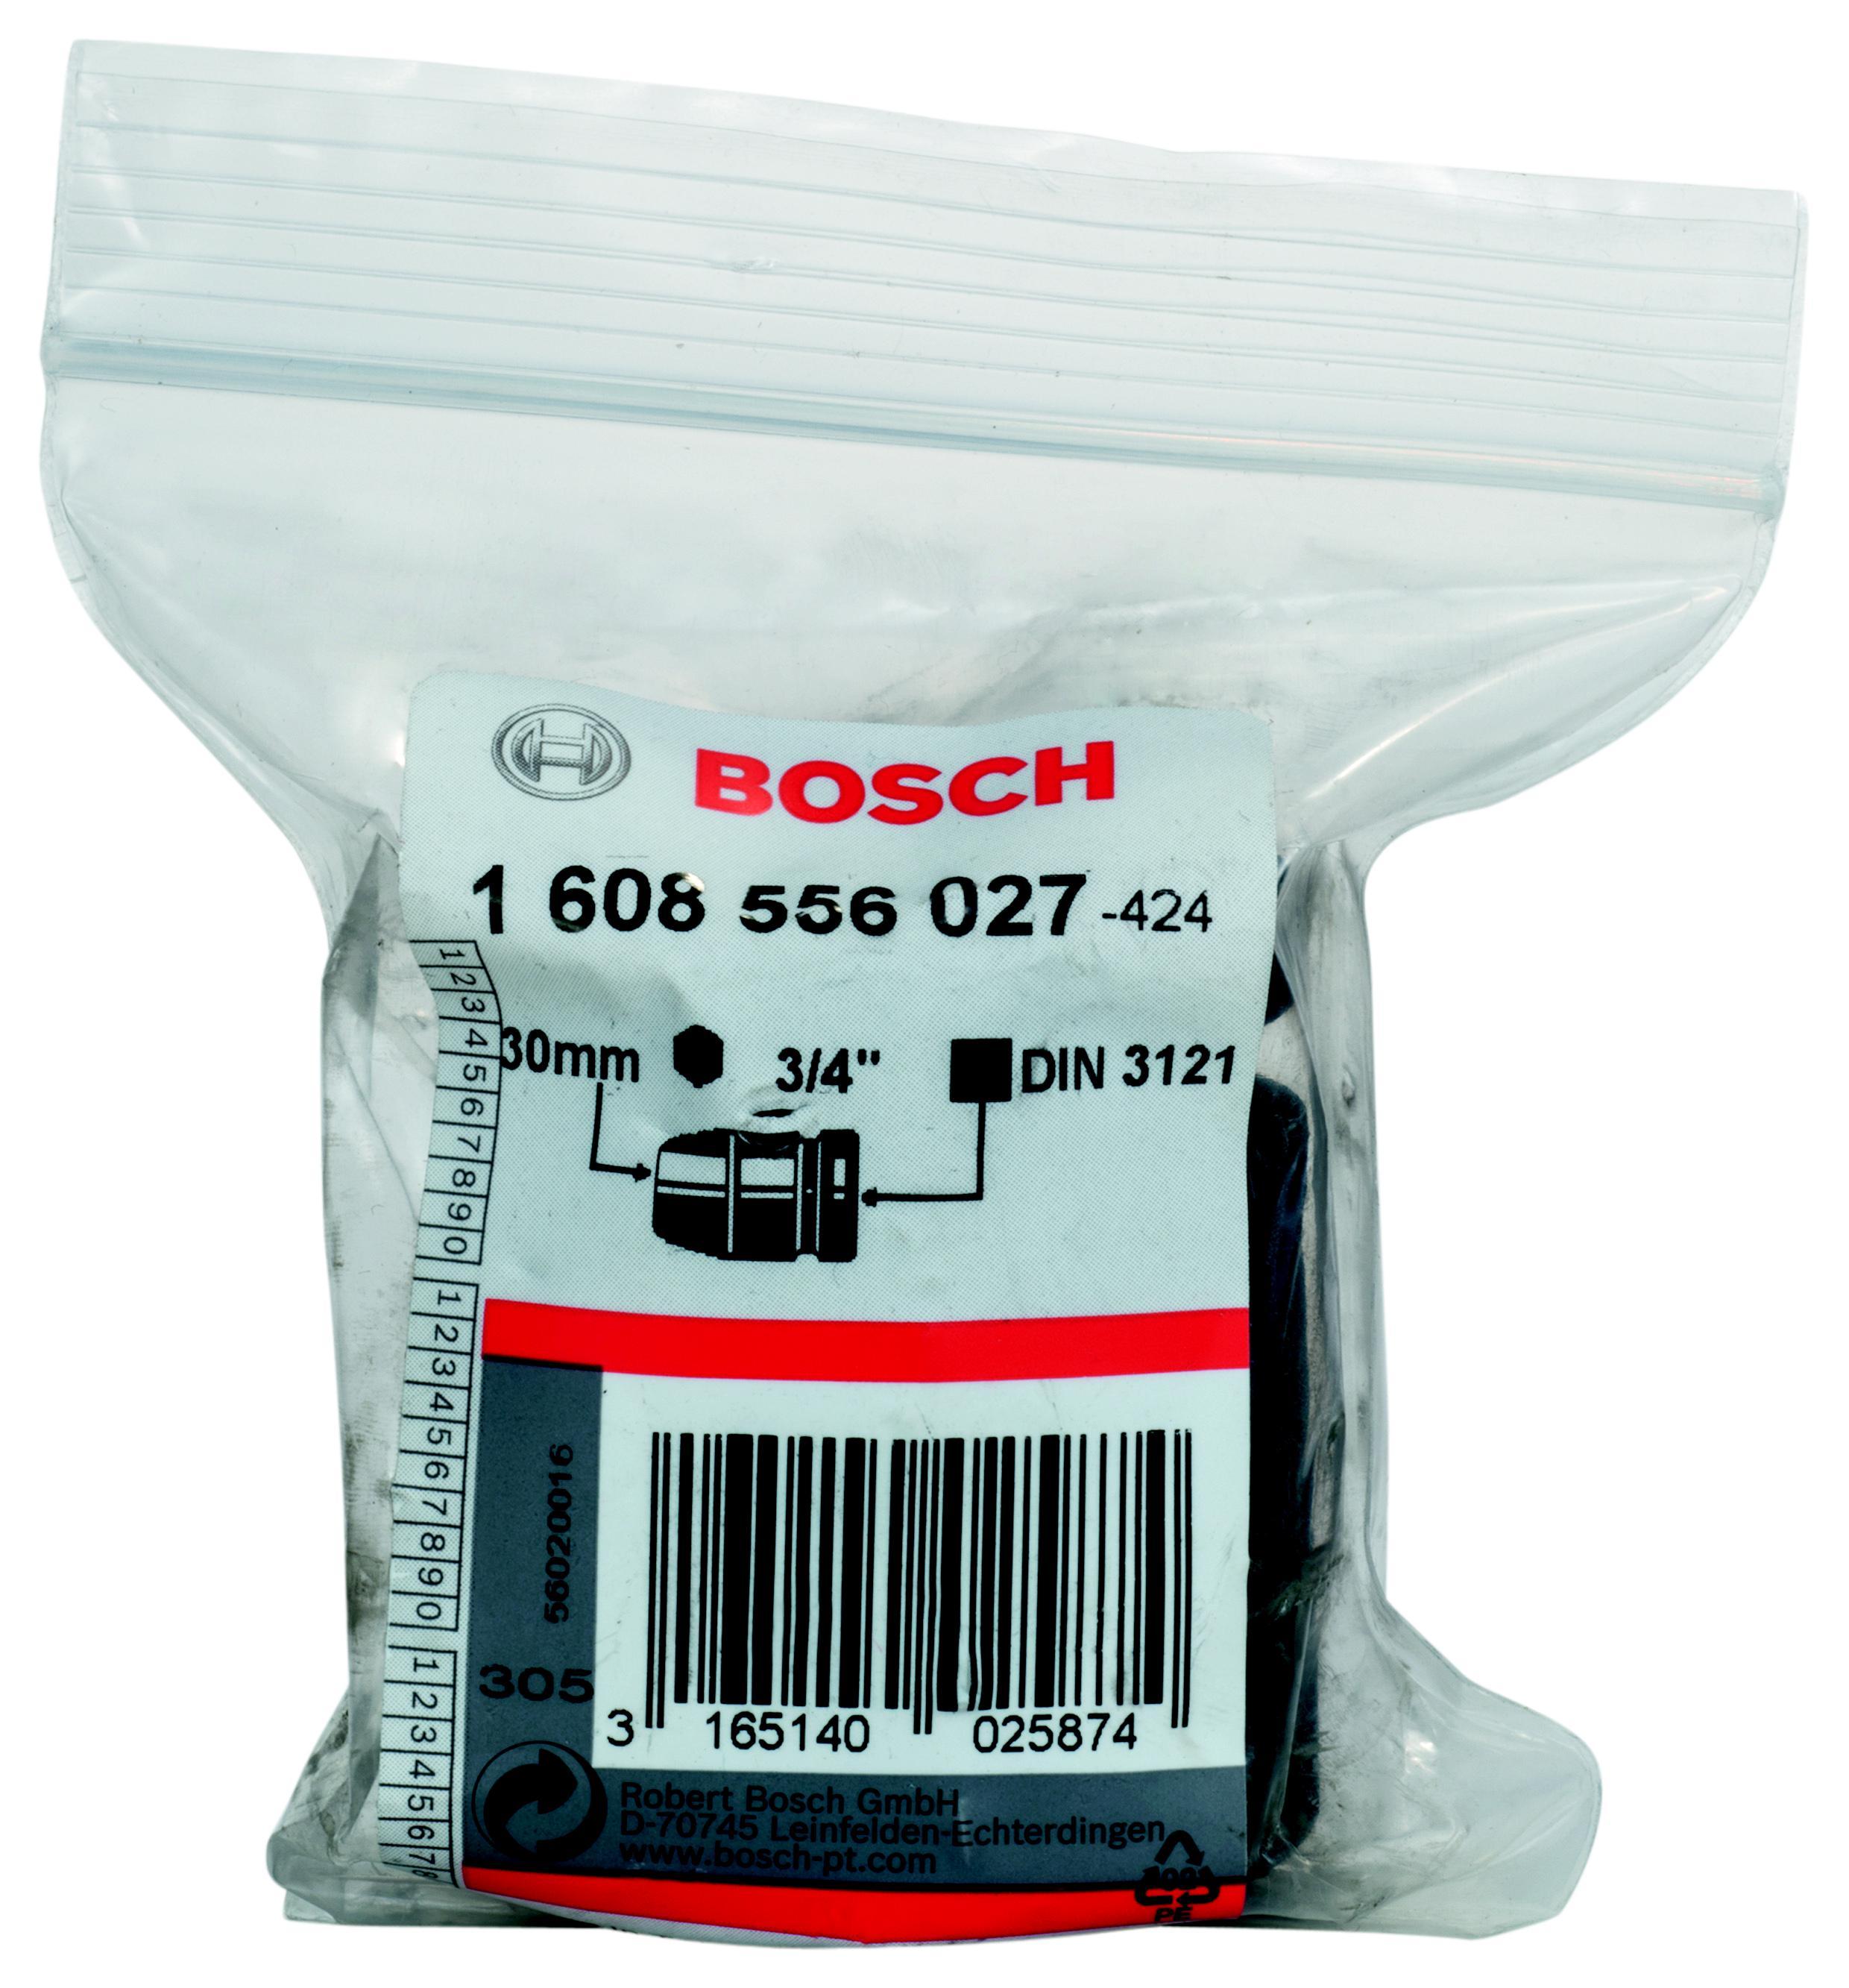 Торцевая головка Bosch 30 мм, 3/4'', 1 шт. (1.608.556.027) от 220 Вольт